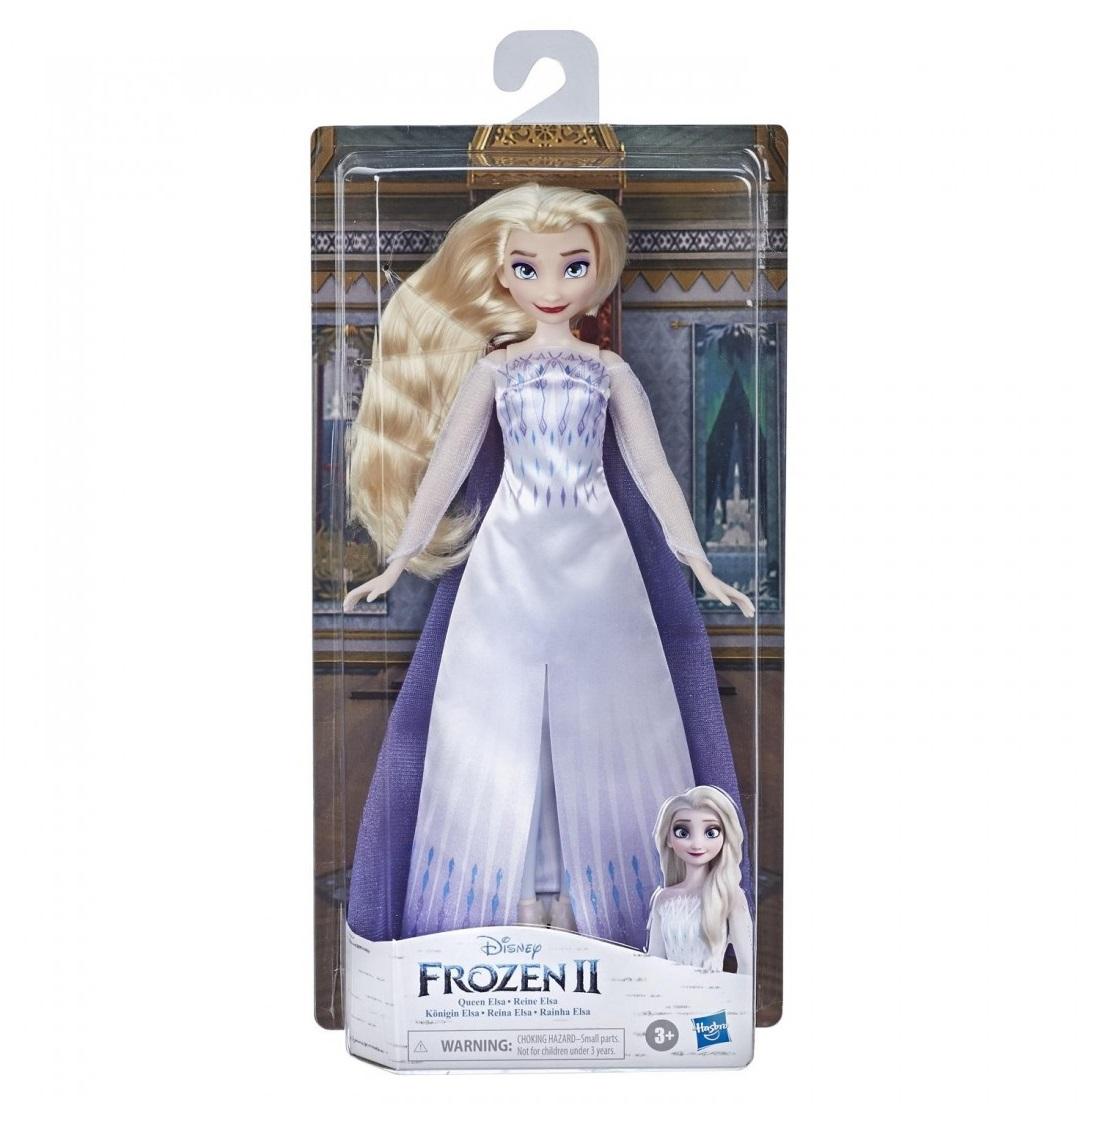 Papusa Hasbro Disney Frozen II Regina Elsa imagine hippoland.ro